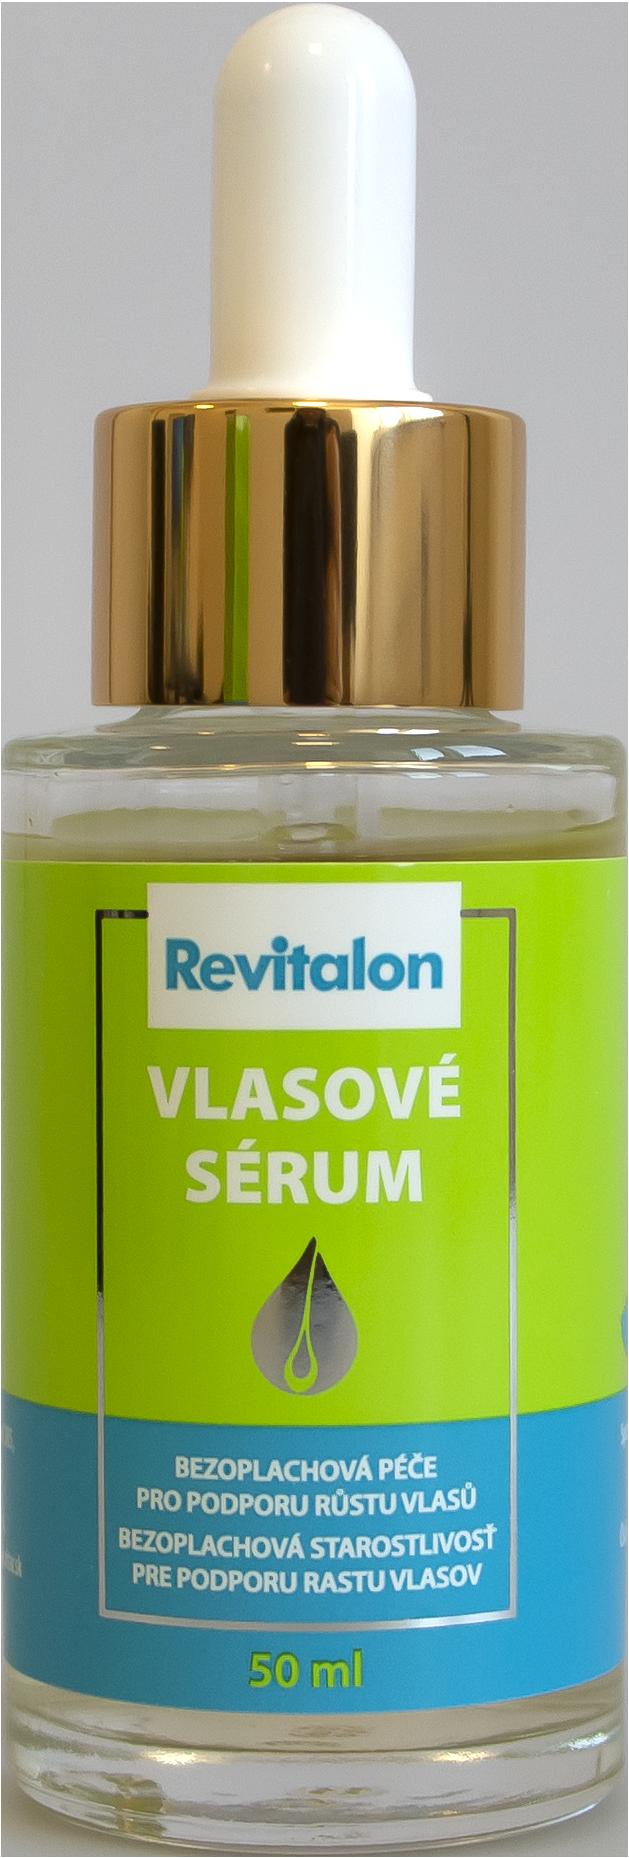 revitalon-vlasove-serum_lahvicka_229-kc.png